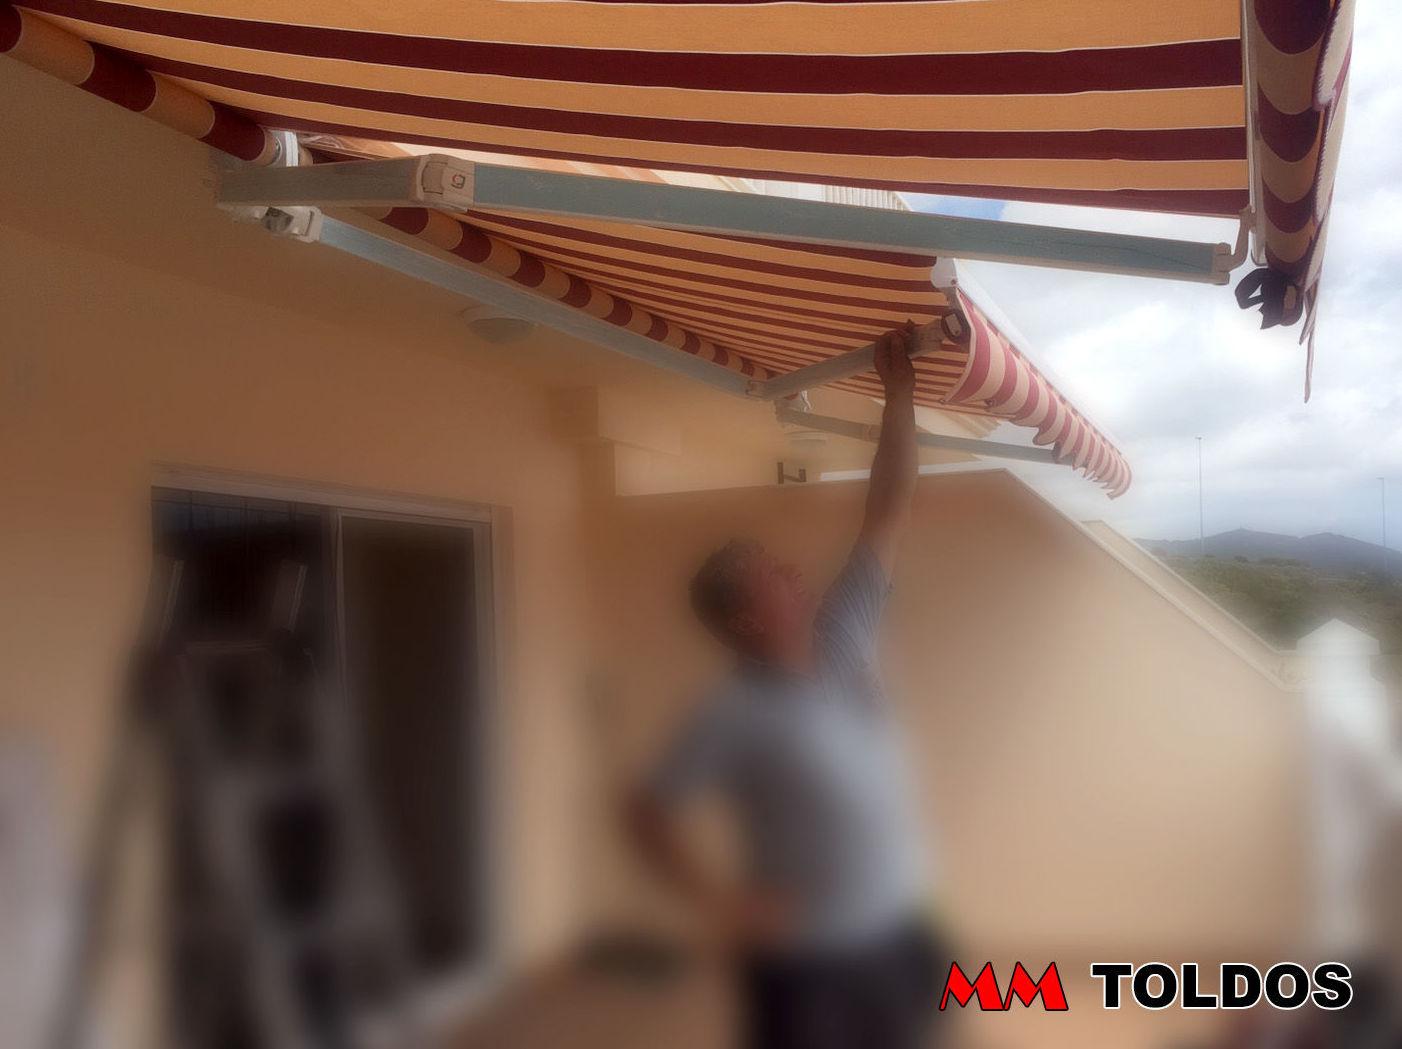 Foto 10 de Toldos y pérgolas en Arona | MM Toldos